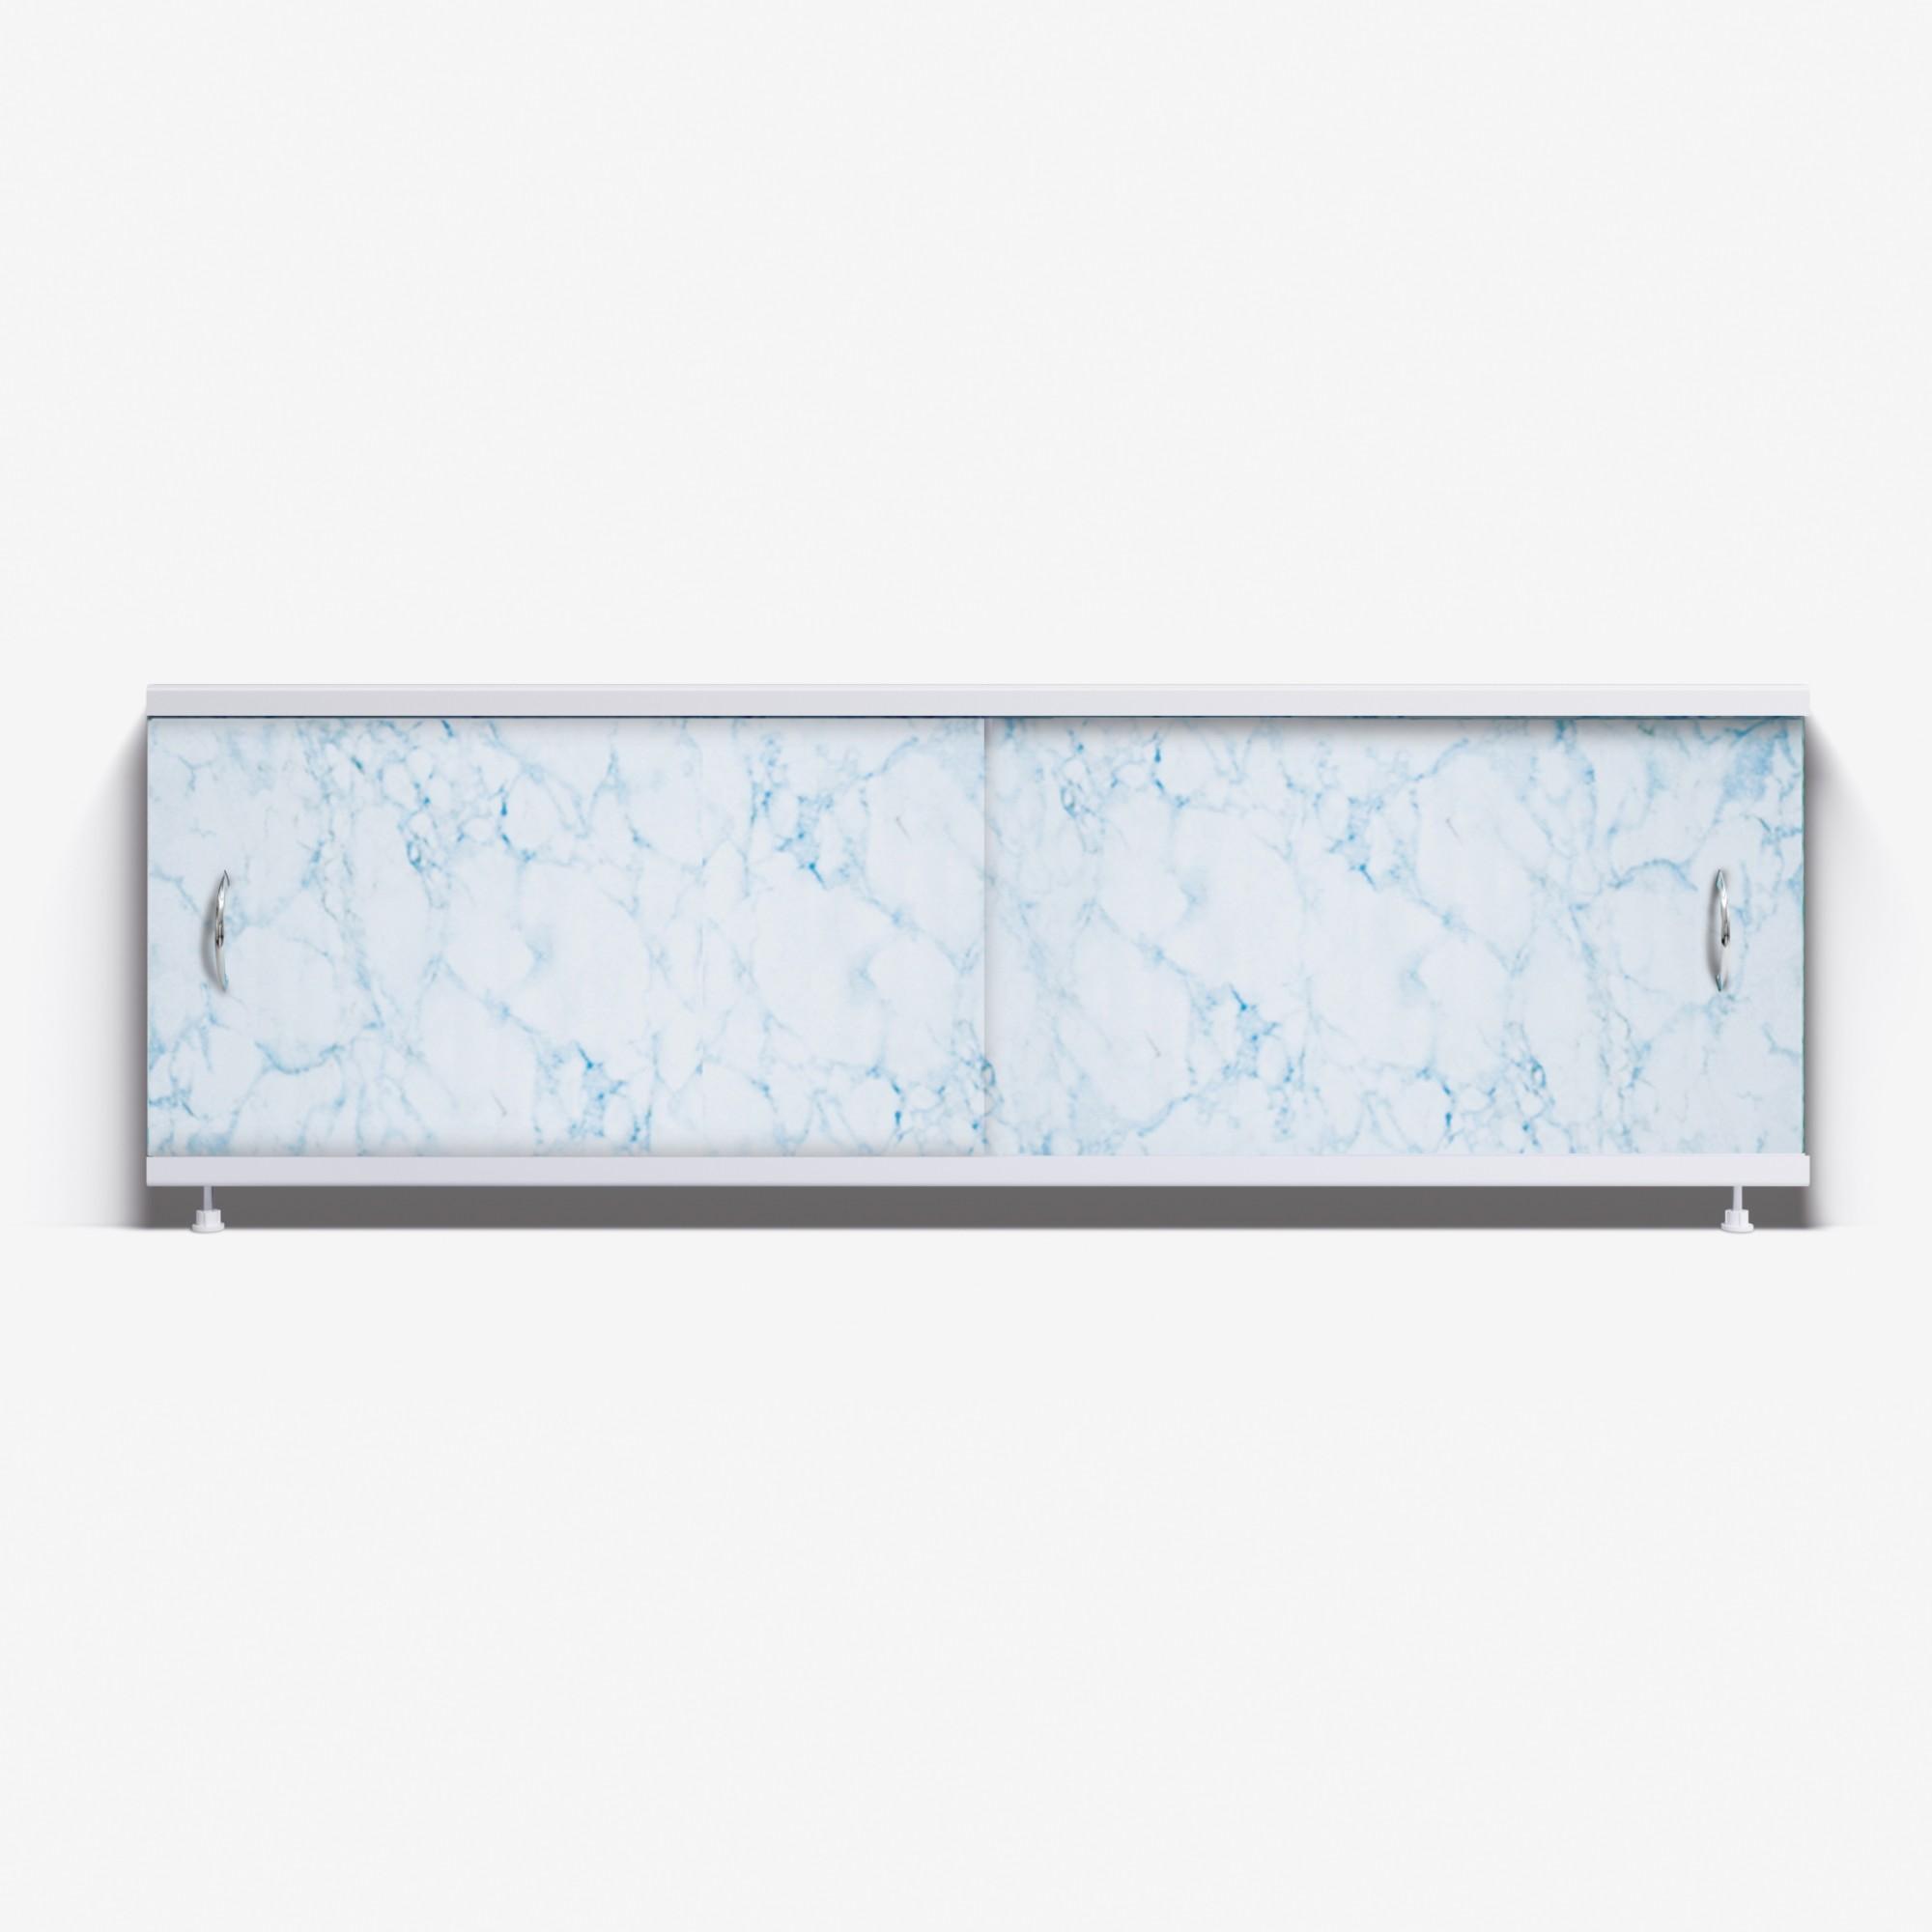 Экран под ванну Классик 170 бело-голубой мрамор